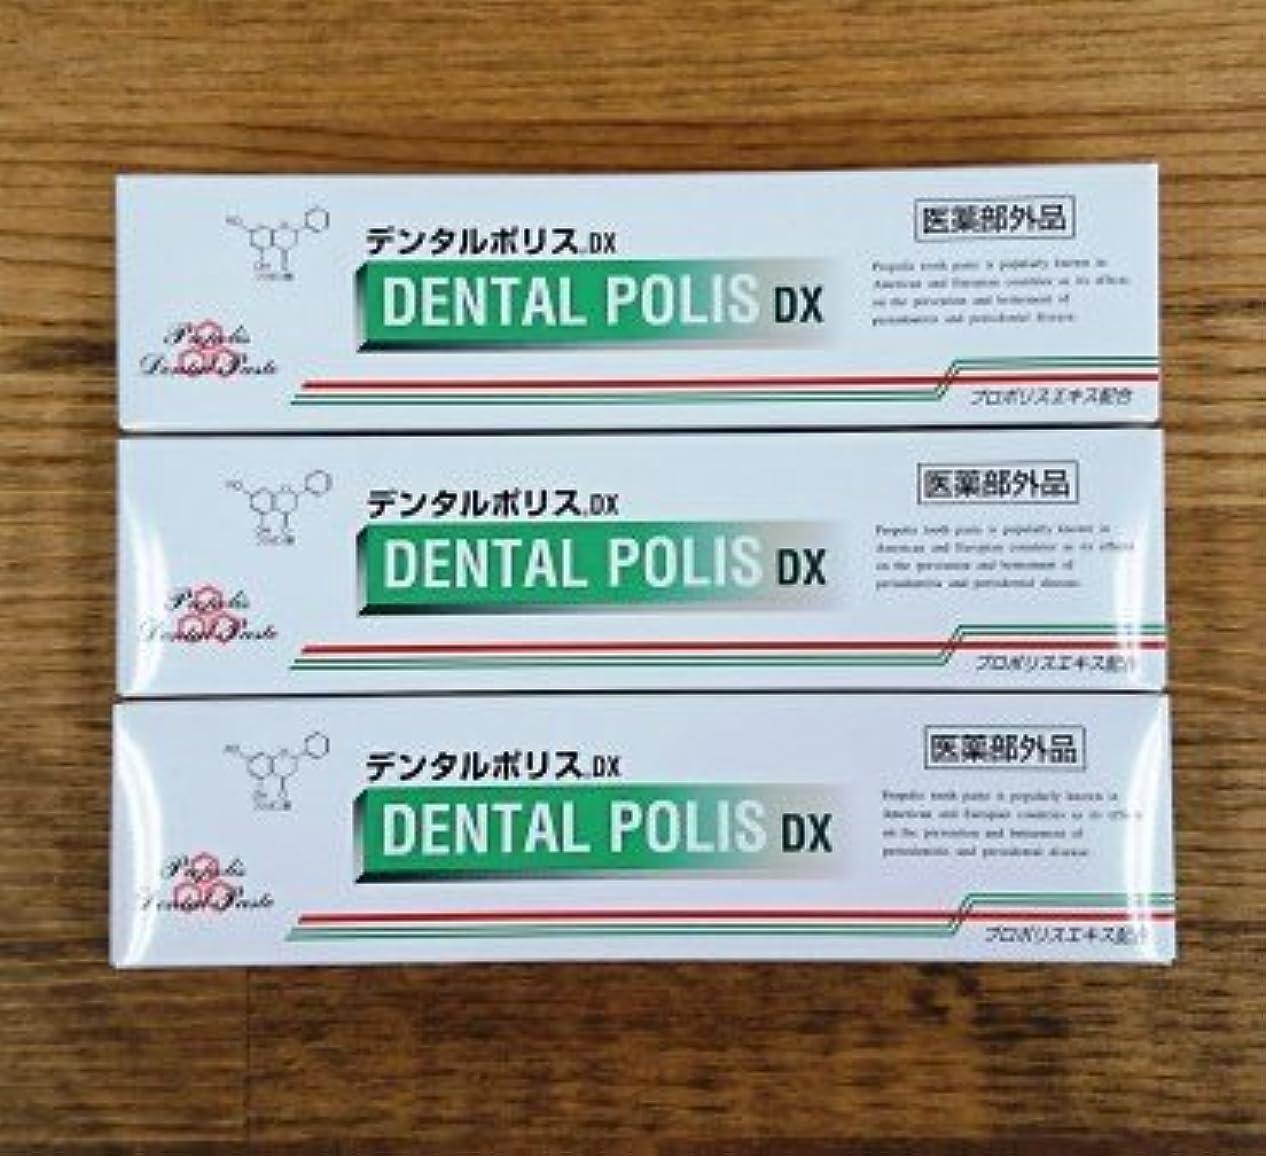 兵士ラメ途方もないデンタルポリスDX80g×3本セット 医薬部外品  歯みがき